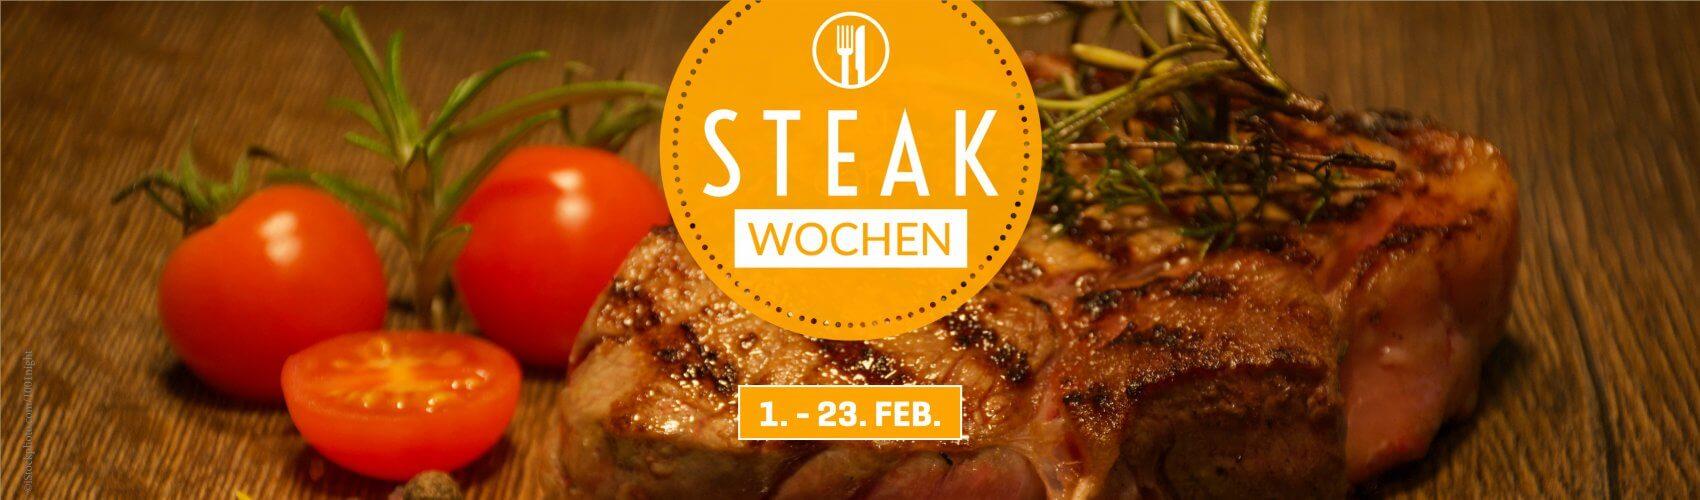 Steakwochen-2020